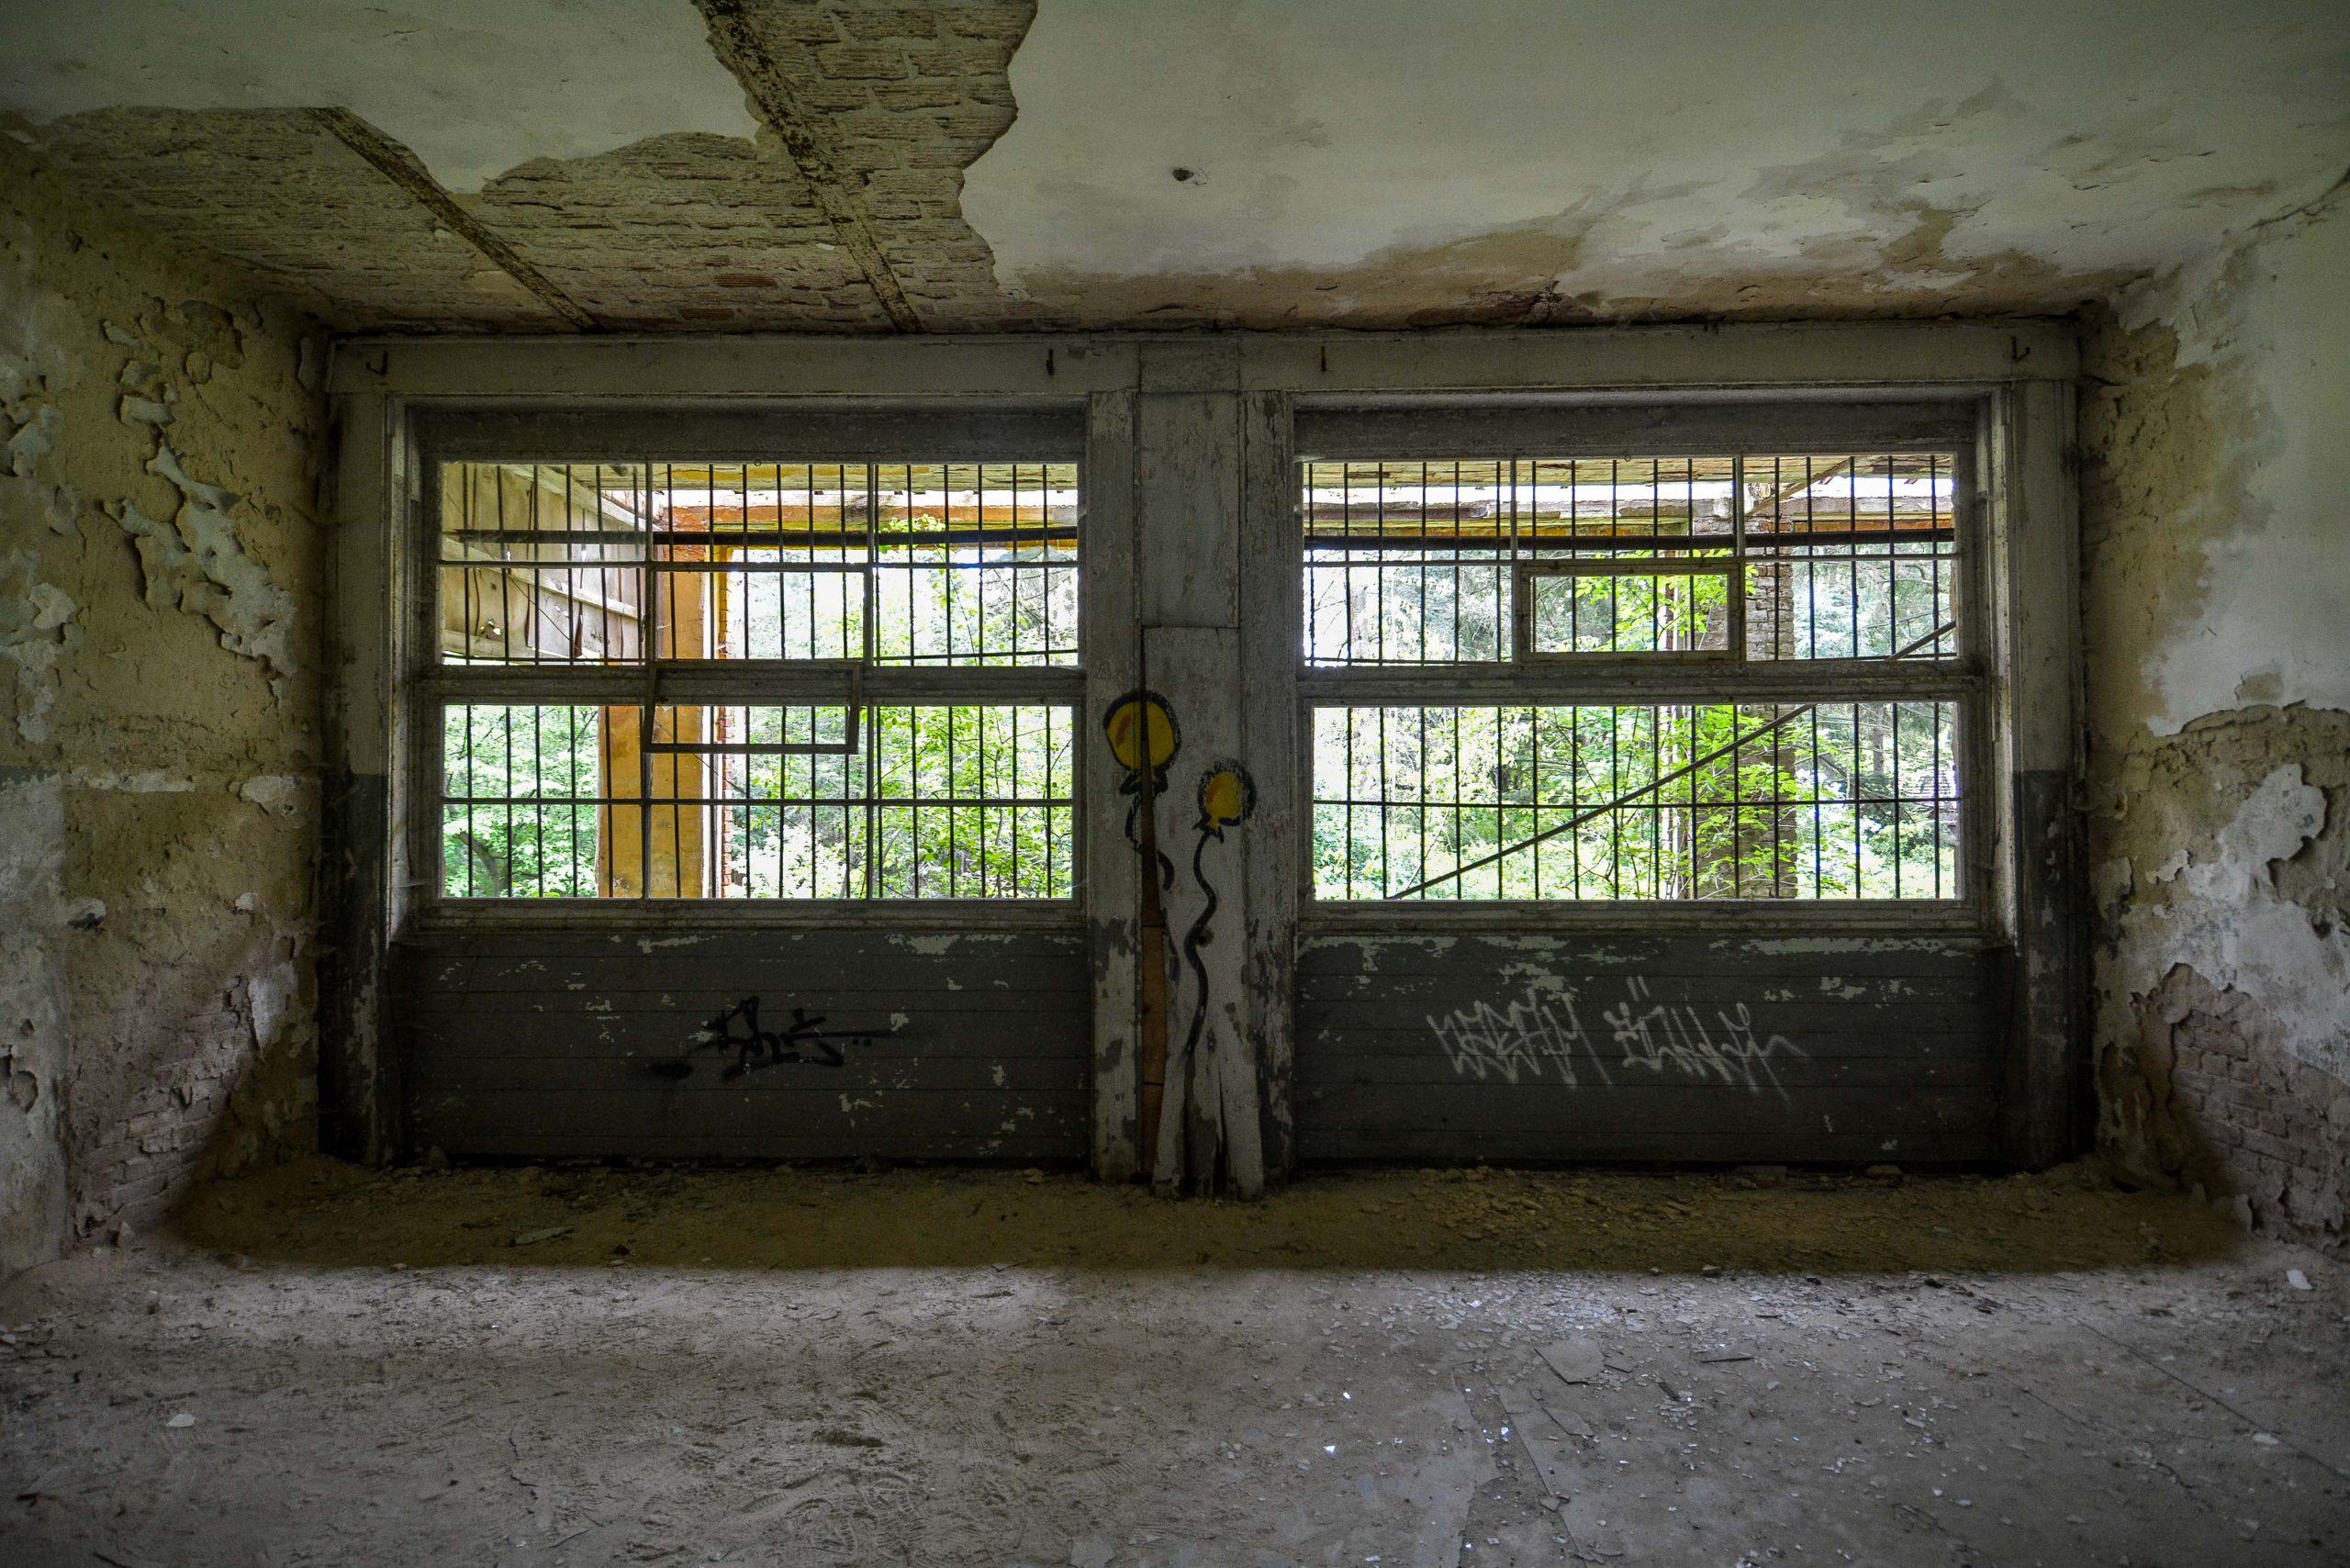 double window bars tuberkulose heilstaette grabowsee sanatorium oranienburg lost places abandoned urbex brandenburg germany deutschland